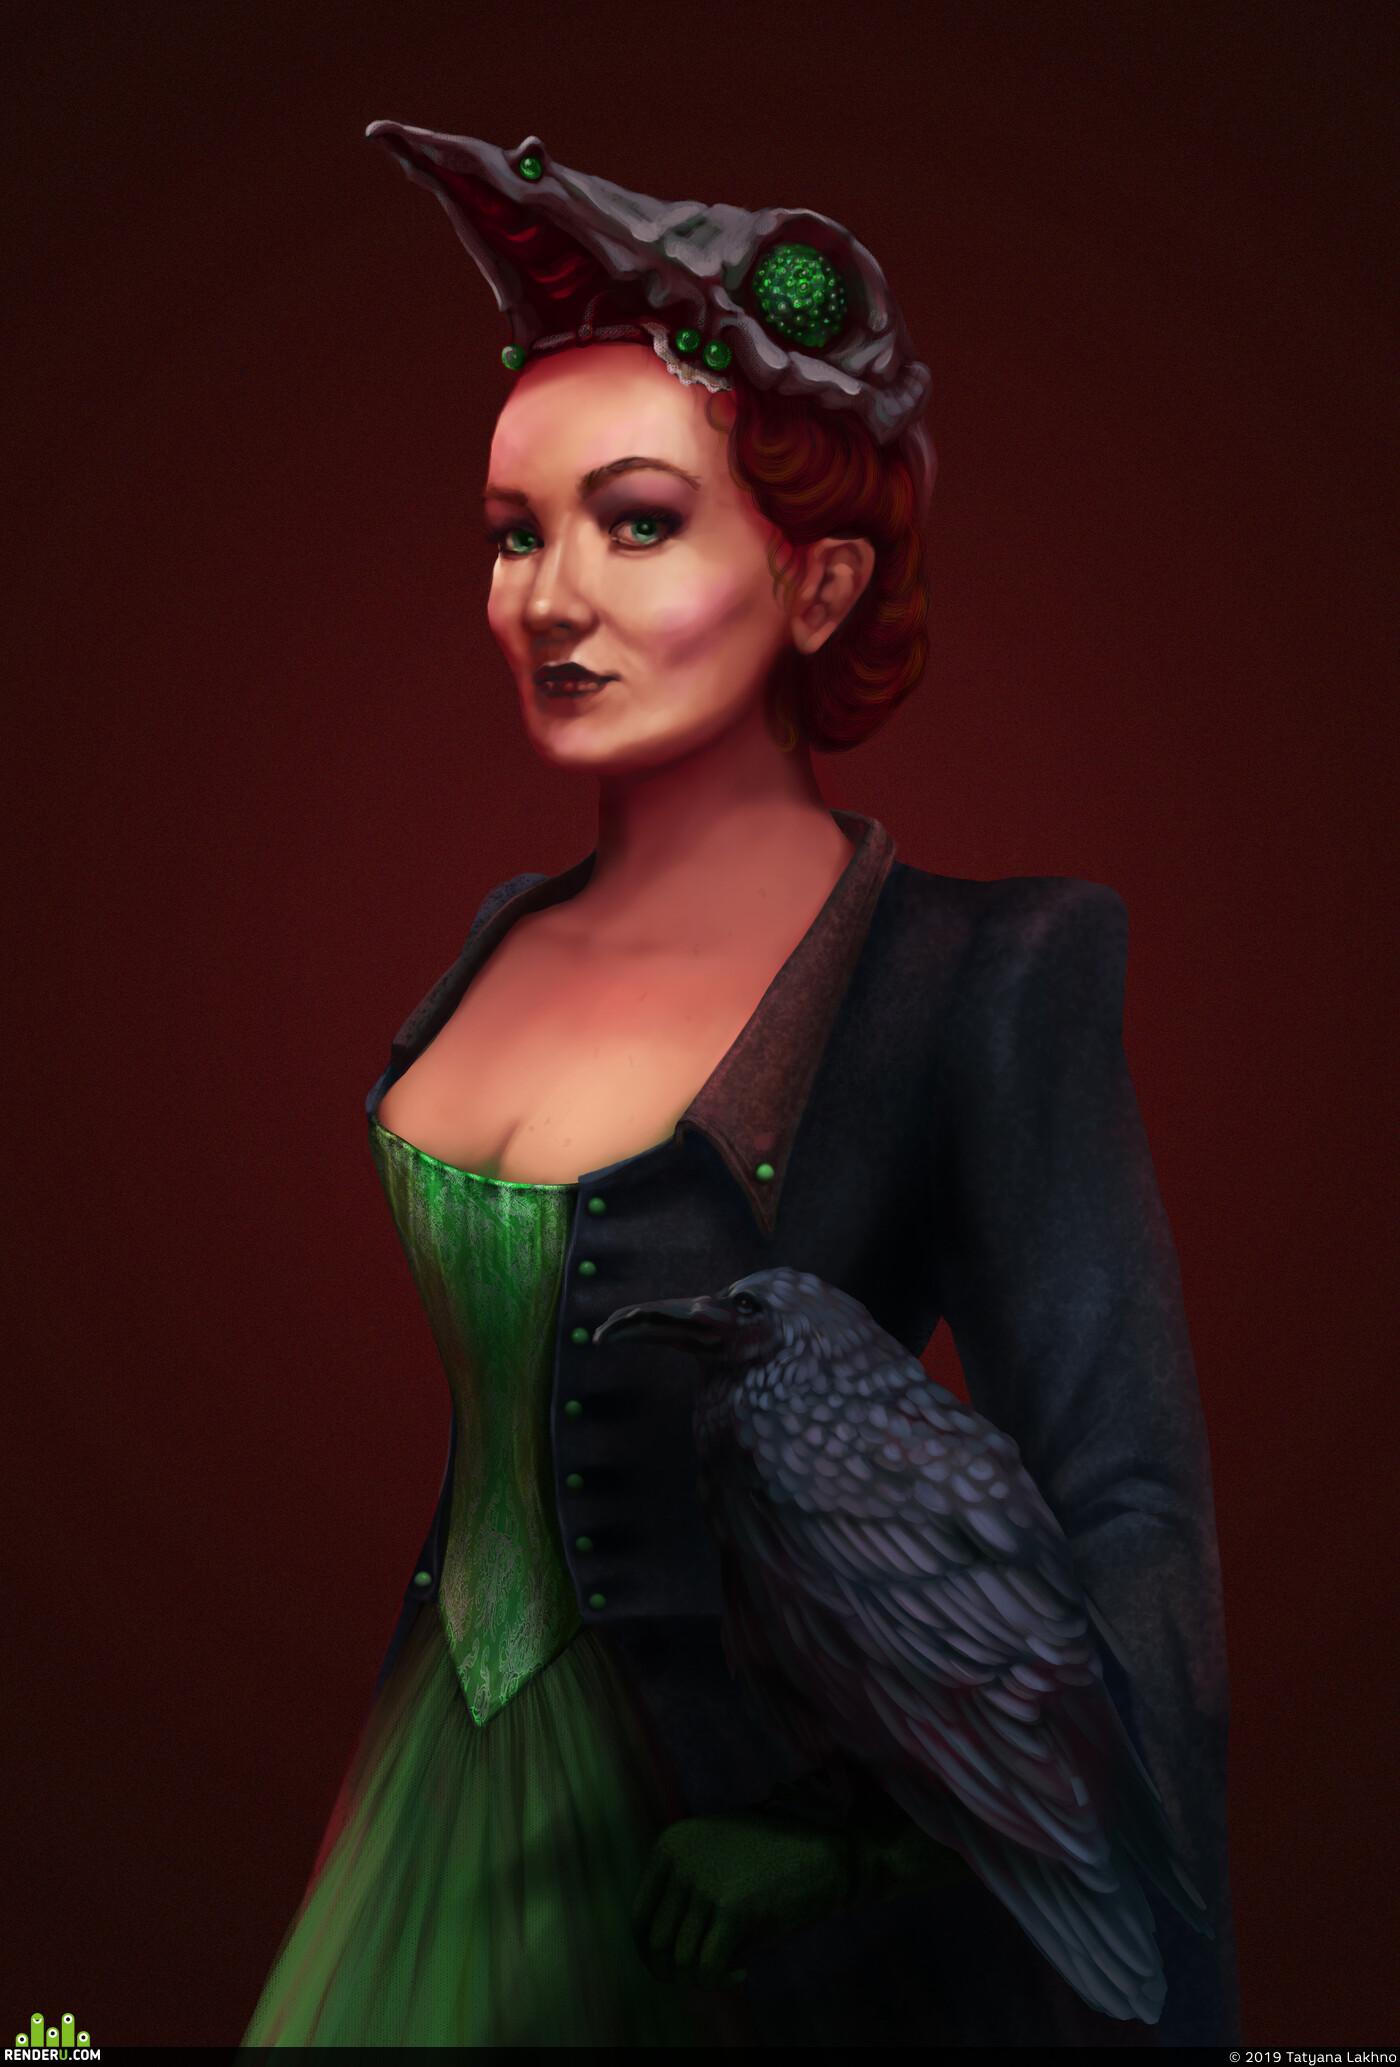 queen, raven, fanart, autodefe, red, green, Dark, doom